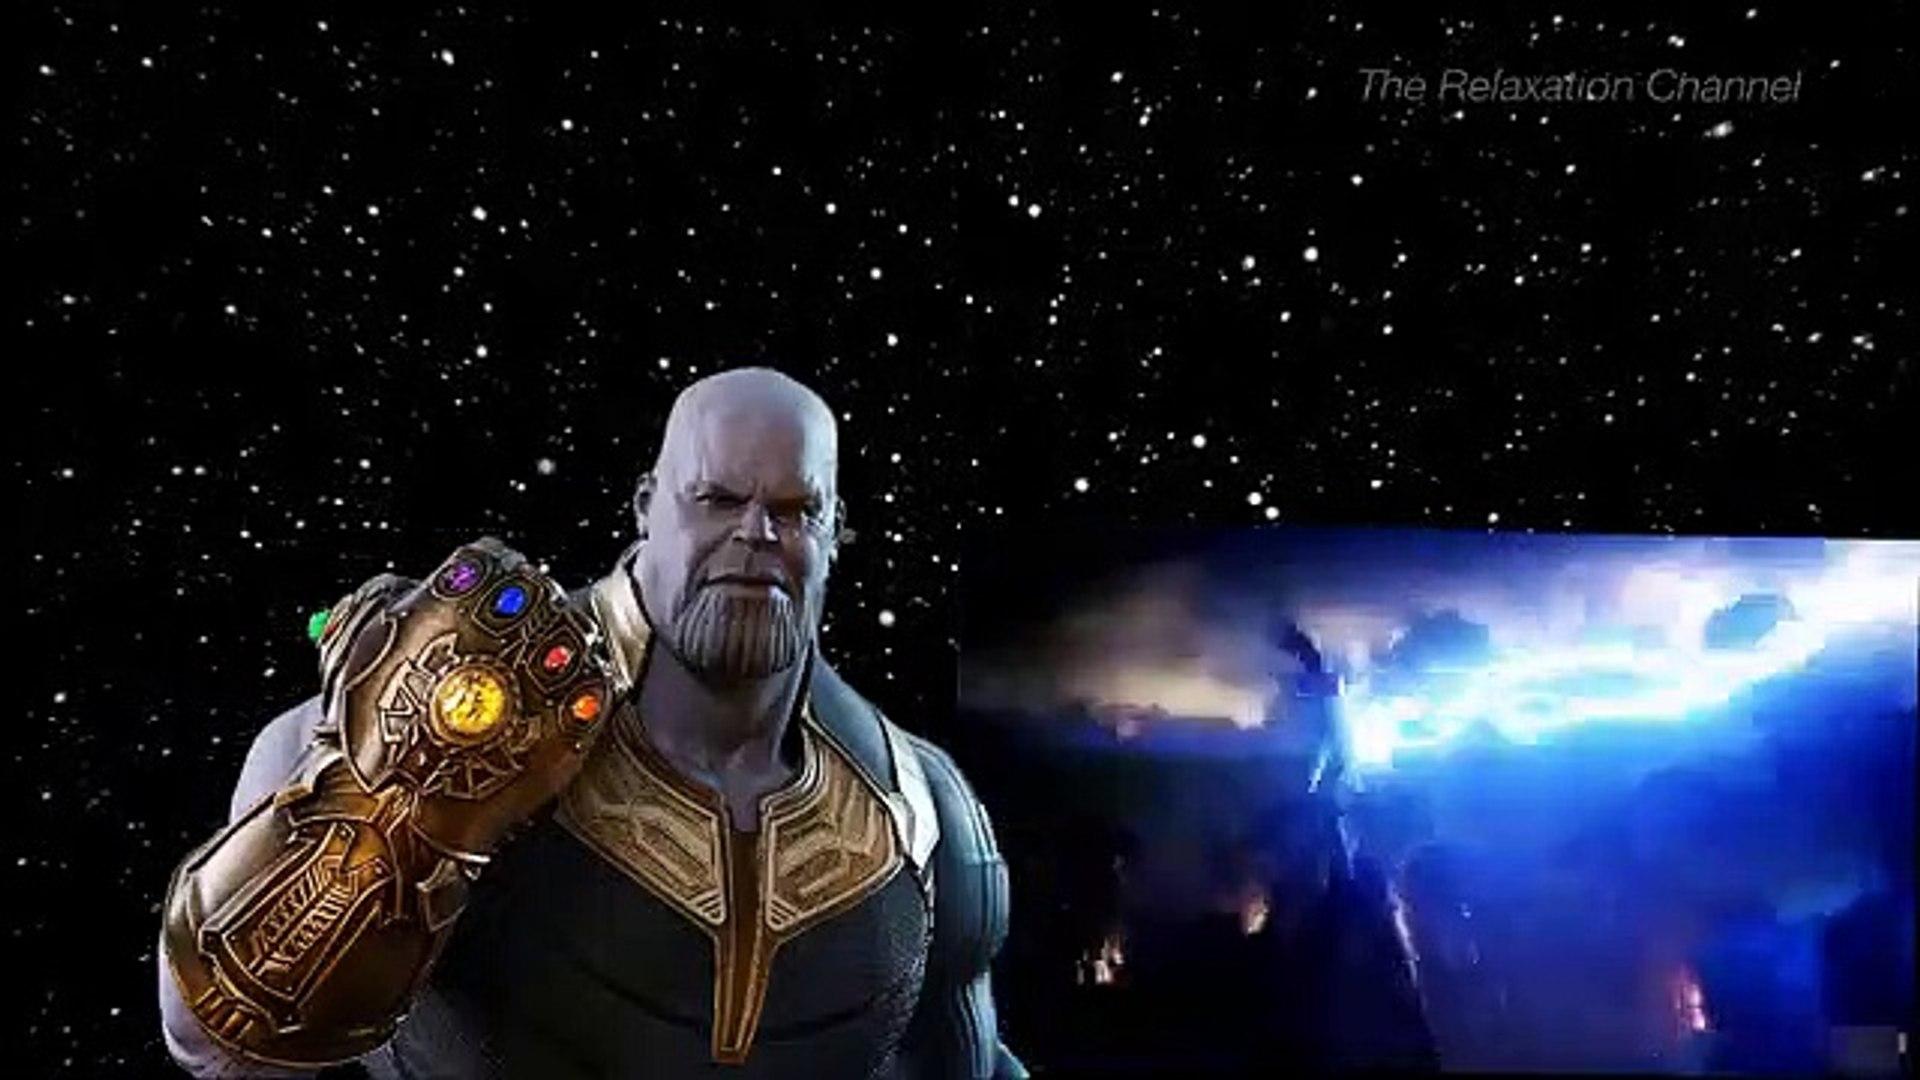 Avengers Endgame Final Battle - Avengers Endgame Last Fight - Avengers Endgame Fight Scene - tayyab